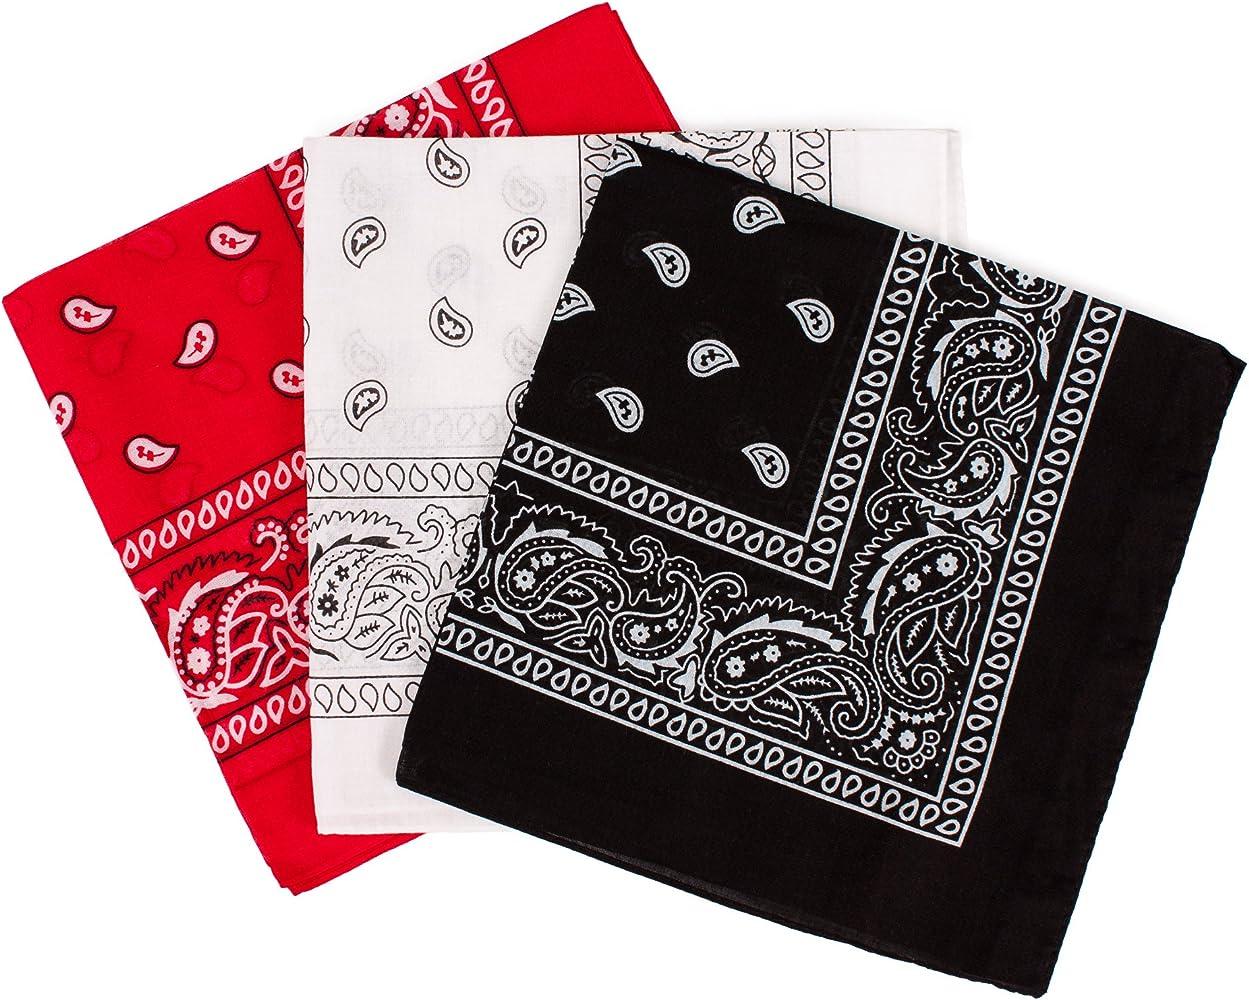 Juego de pañuelos, diseño clásico de cachemira, color negro, rojo ...